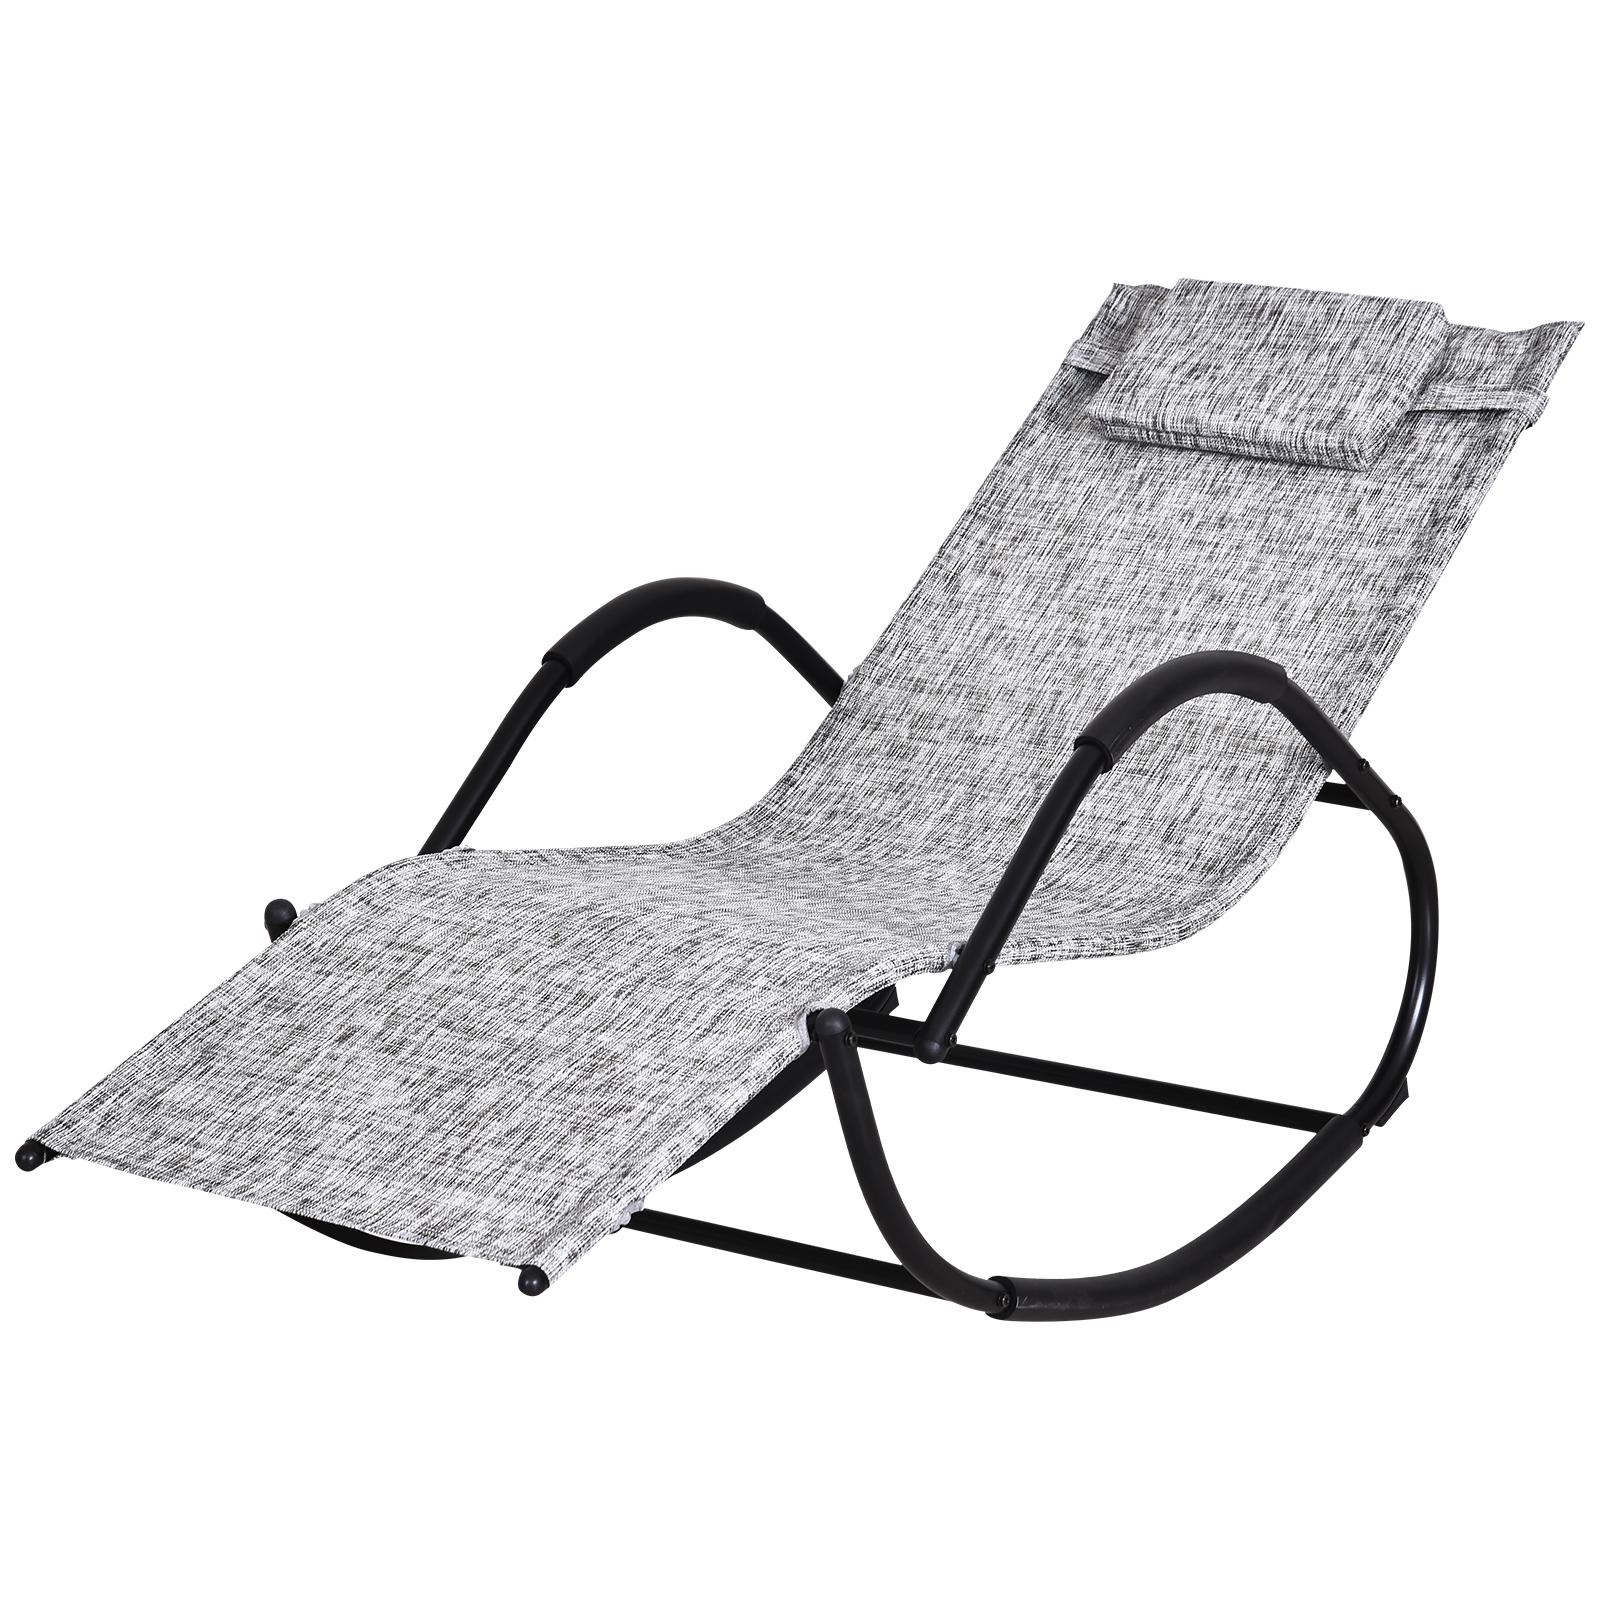 Chaise longue à bascule rocking chair design contemporain gris